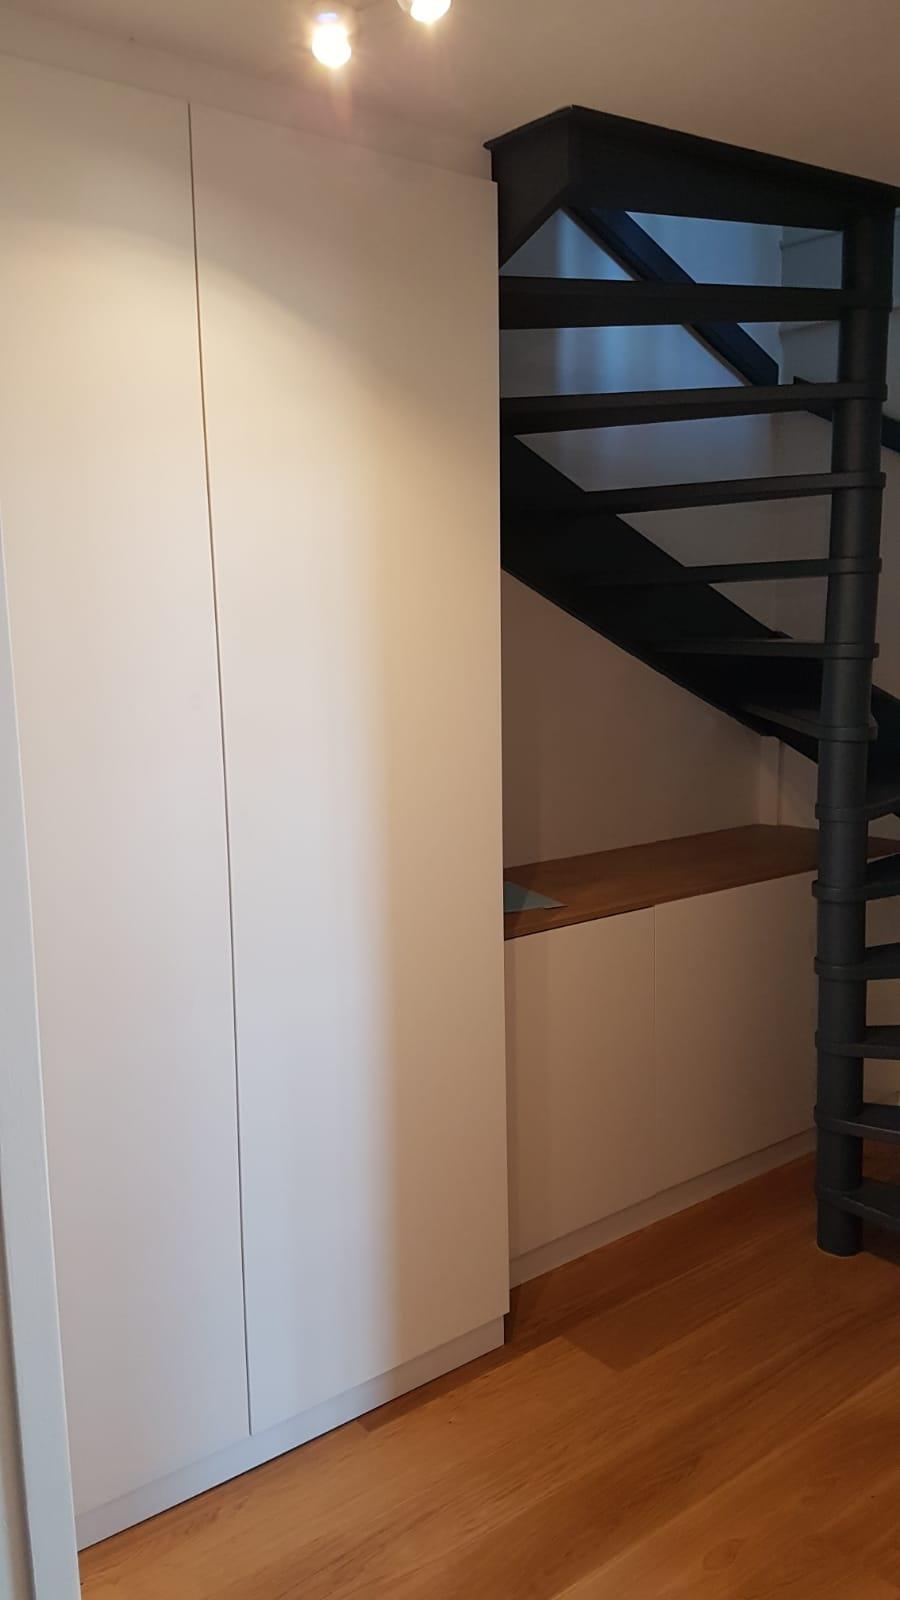 Coffre De Rangement Sous Pente aménagement sous escalier avec banquette - kiosque aménagement